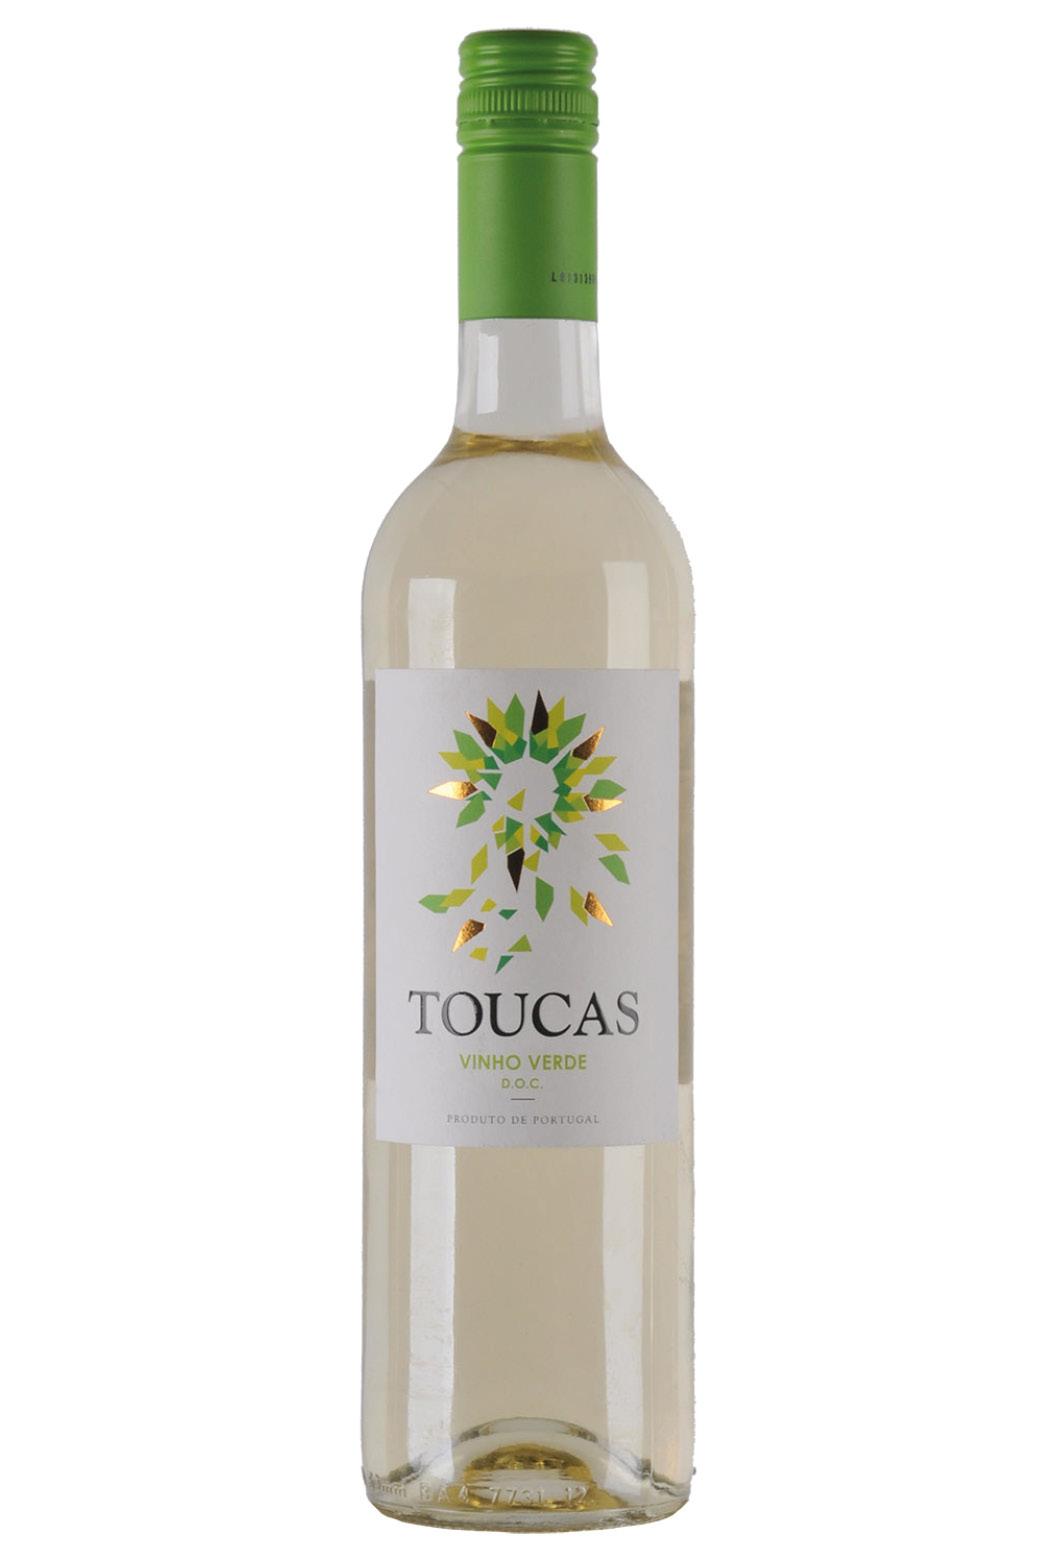 Toucas Branco Vinho Verde